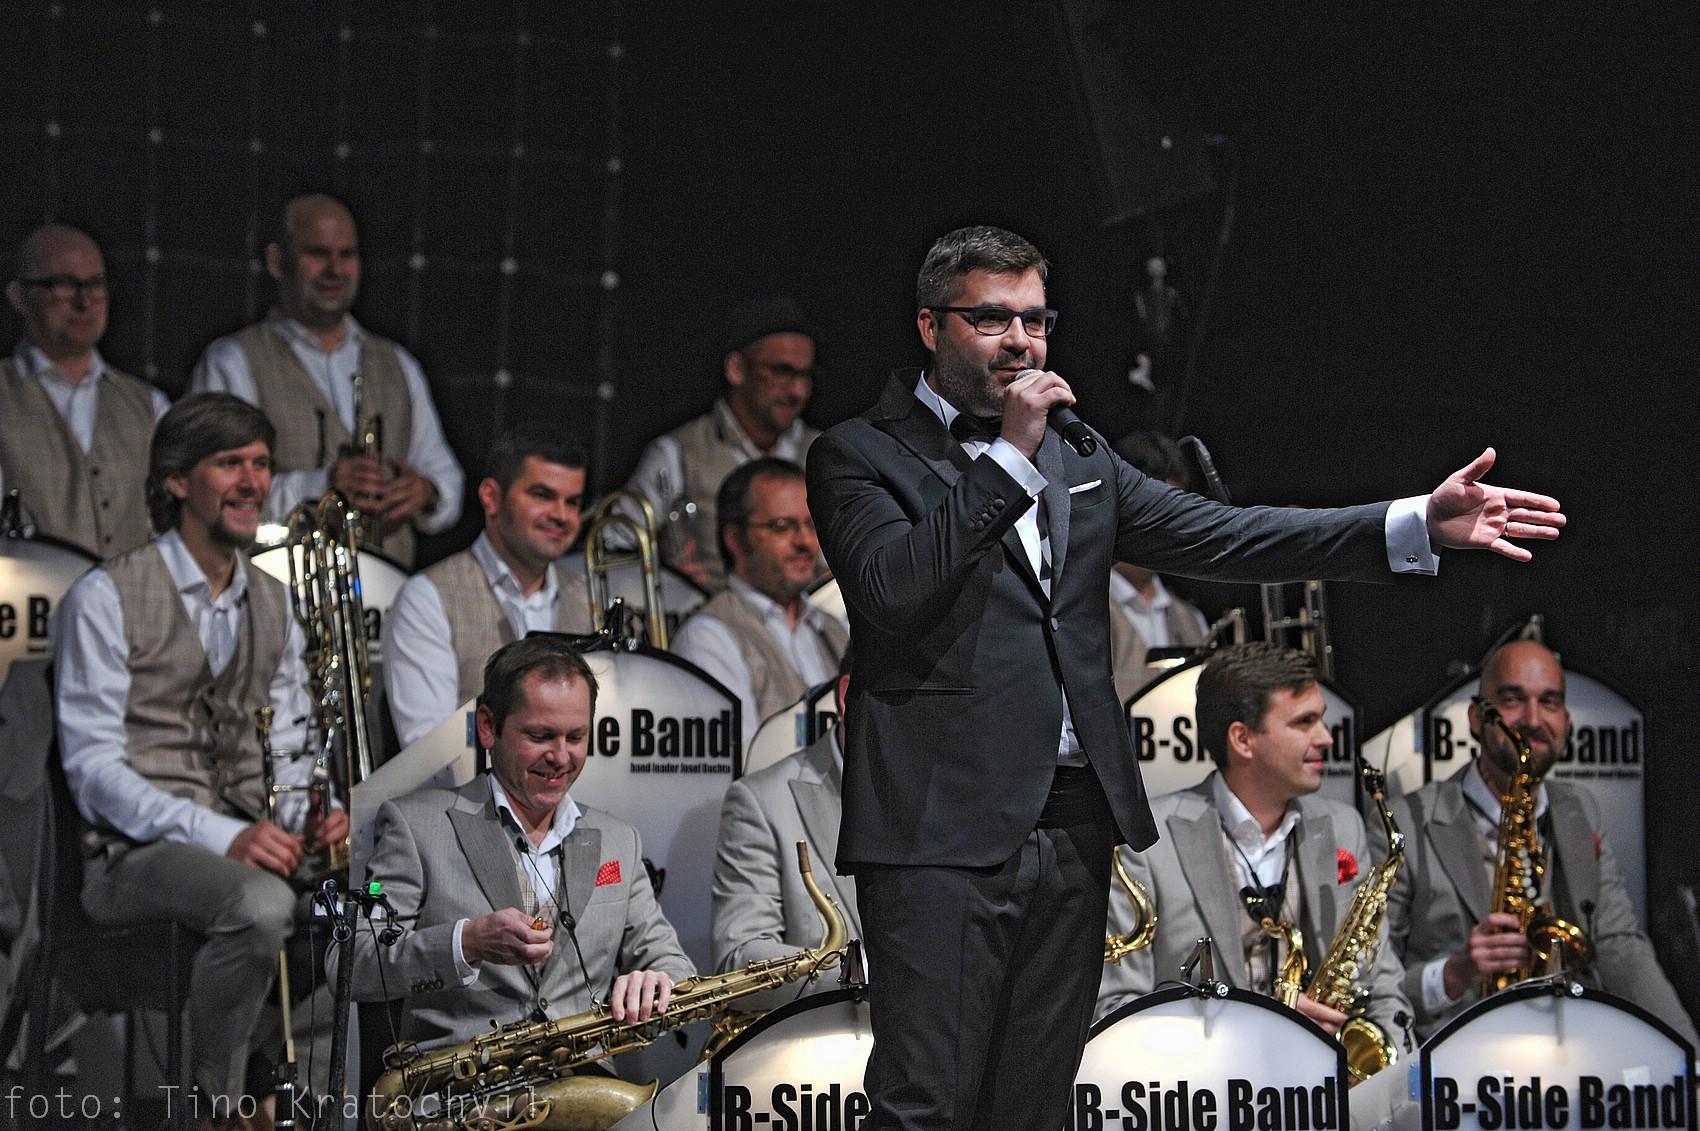 ROZHOVOR: B-Side Band - Prvních pět let byla v podstatě muka